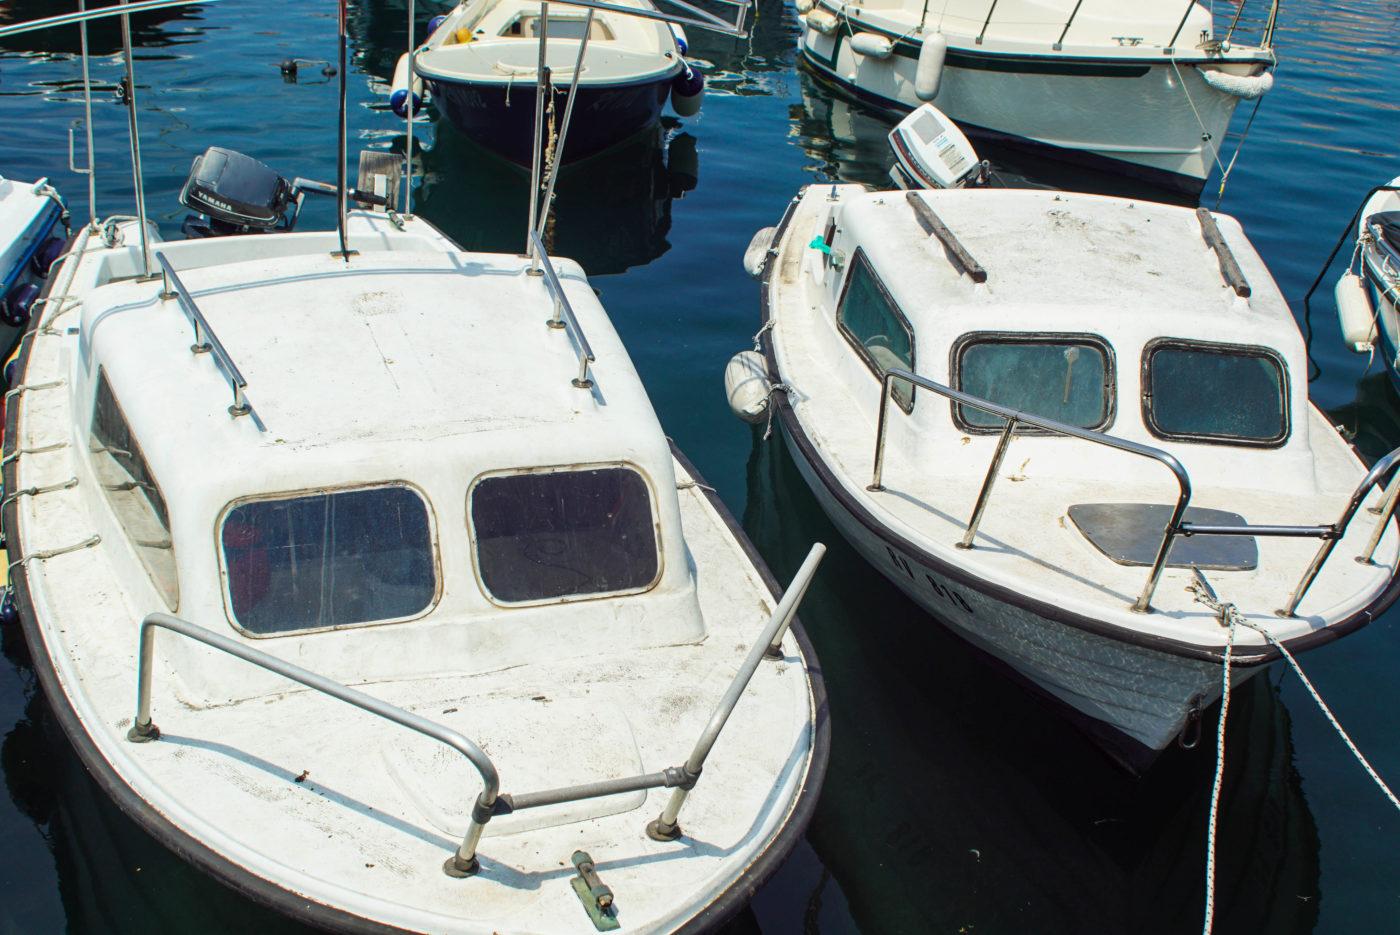 Es sind zwei kleine weiße Motorboote zu sehen welche dicht beieinander in tief dunkel blauem Wasser im Hafen fest gemacht sind.